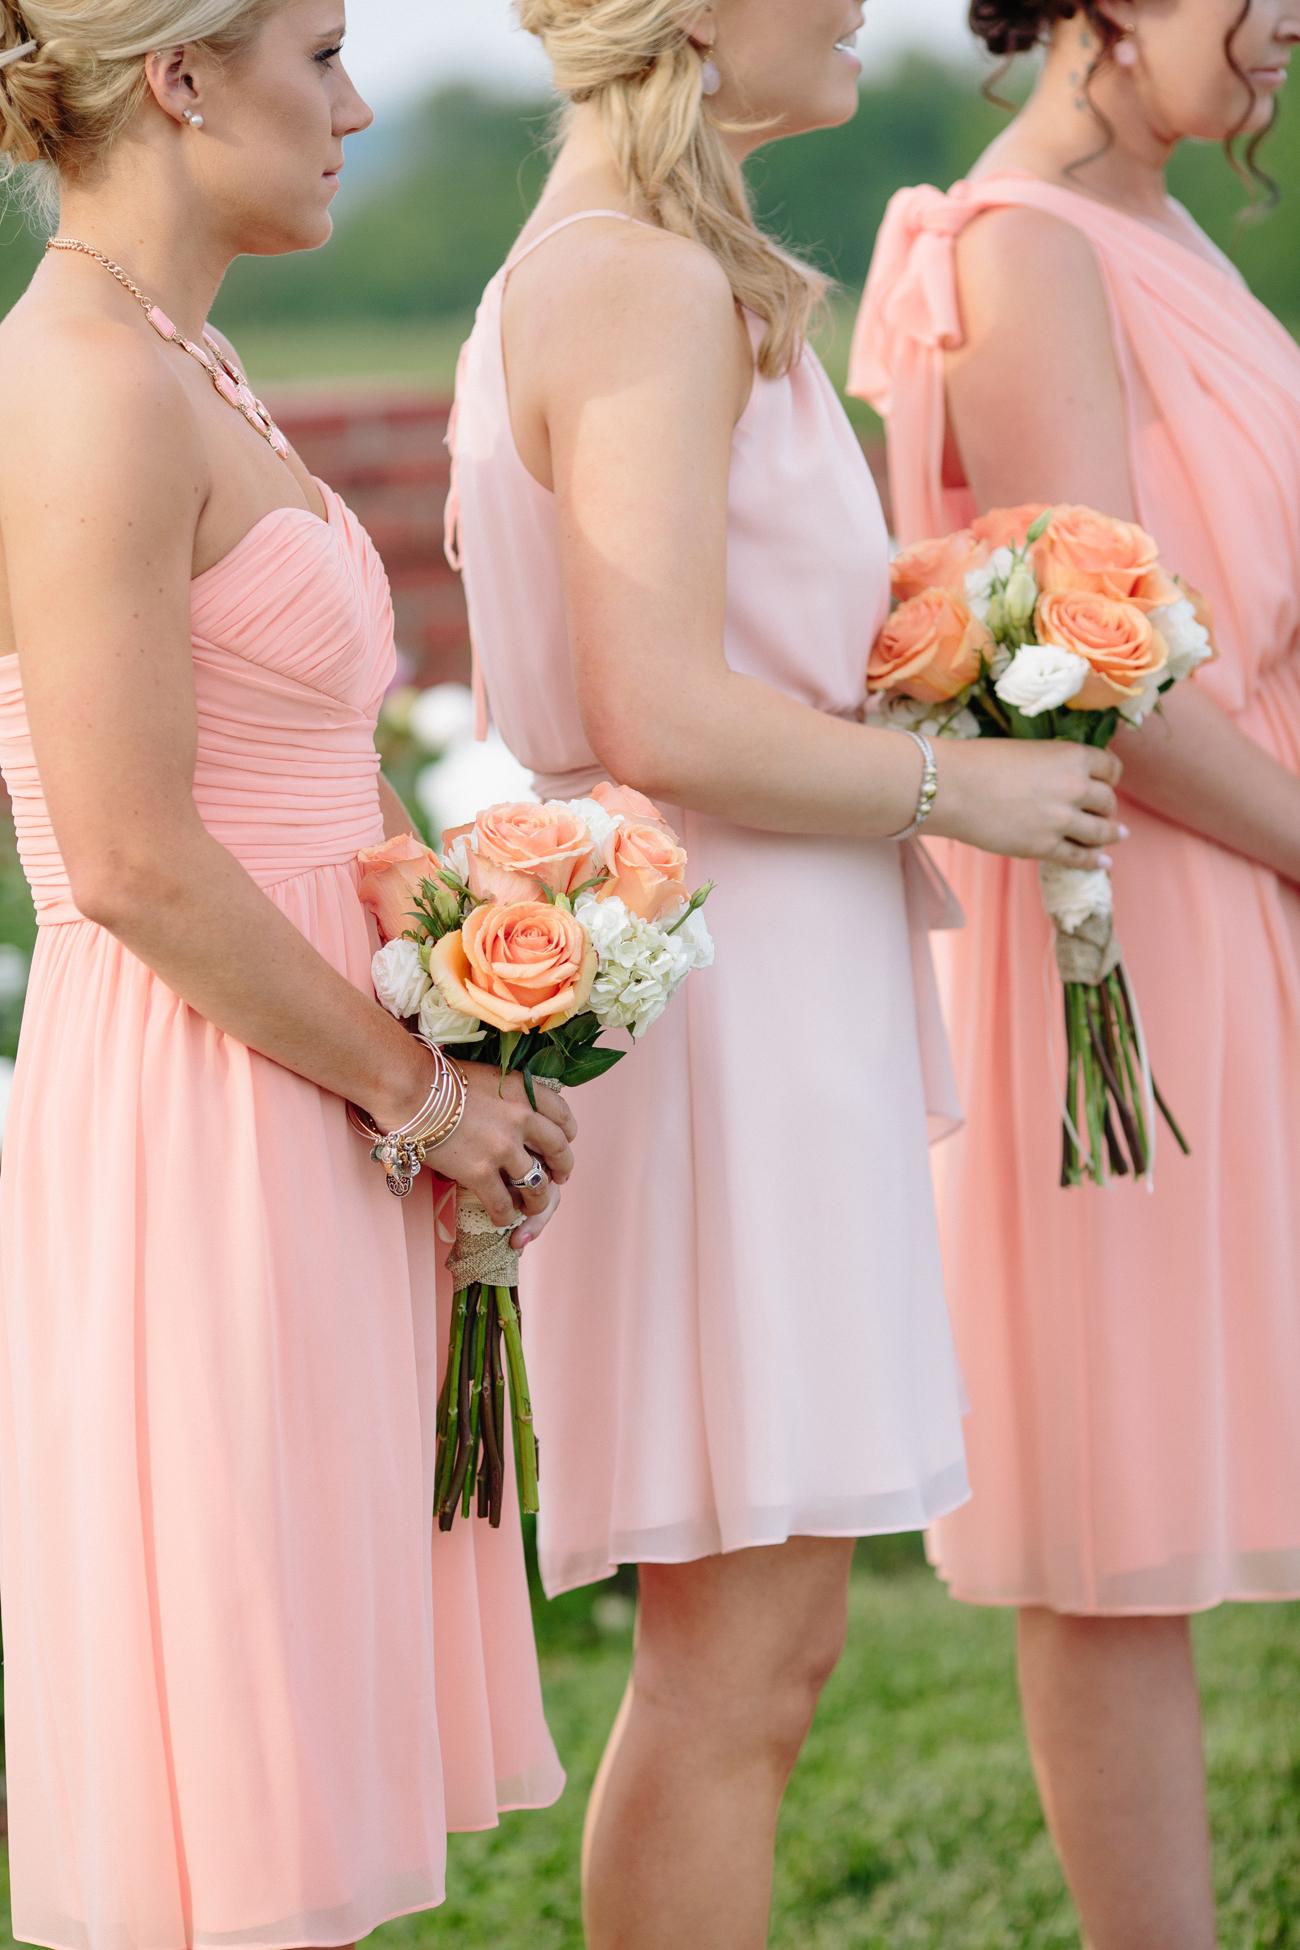 LaurenKorey_SotterleyPlantation_Wedding (52 of 117)30